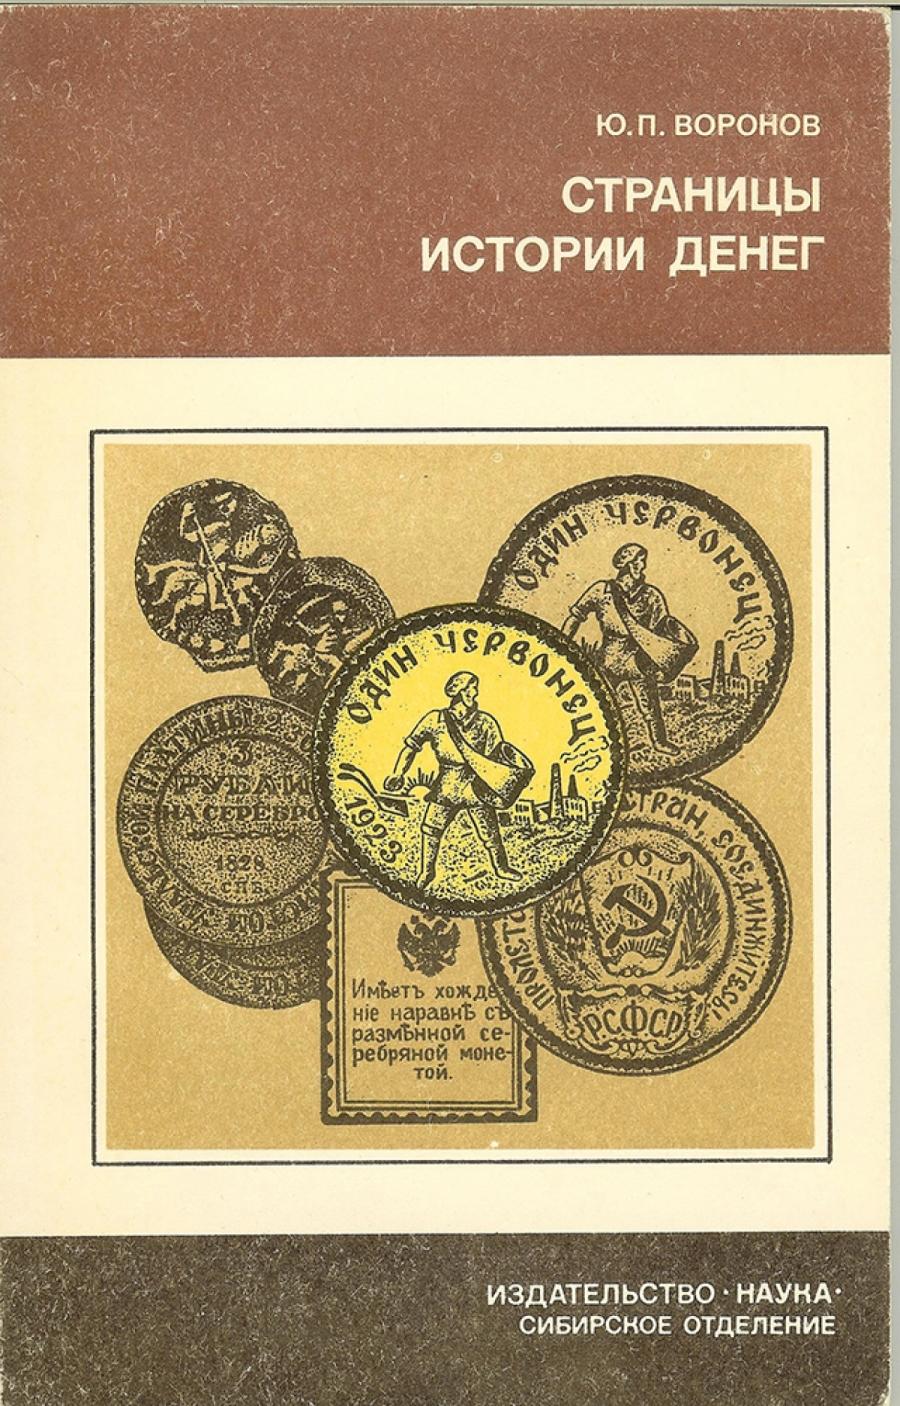 Обложка книги:  ю. п. воронов - страницы истории денег